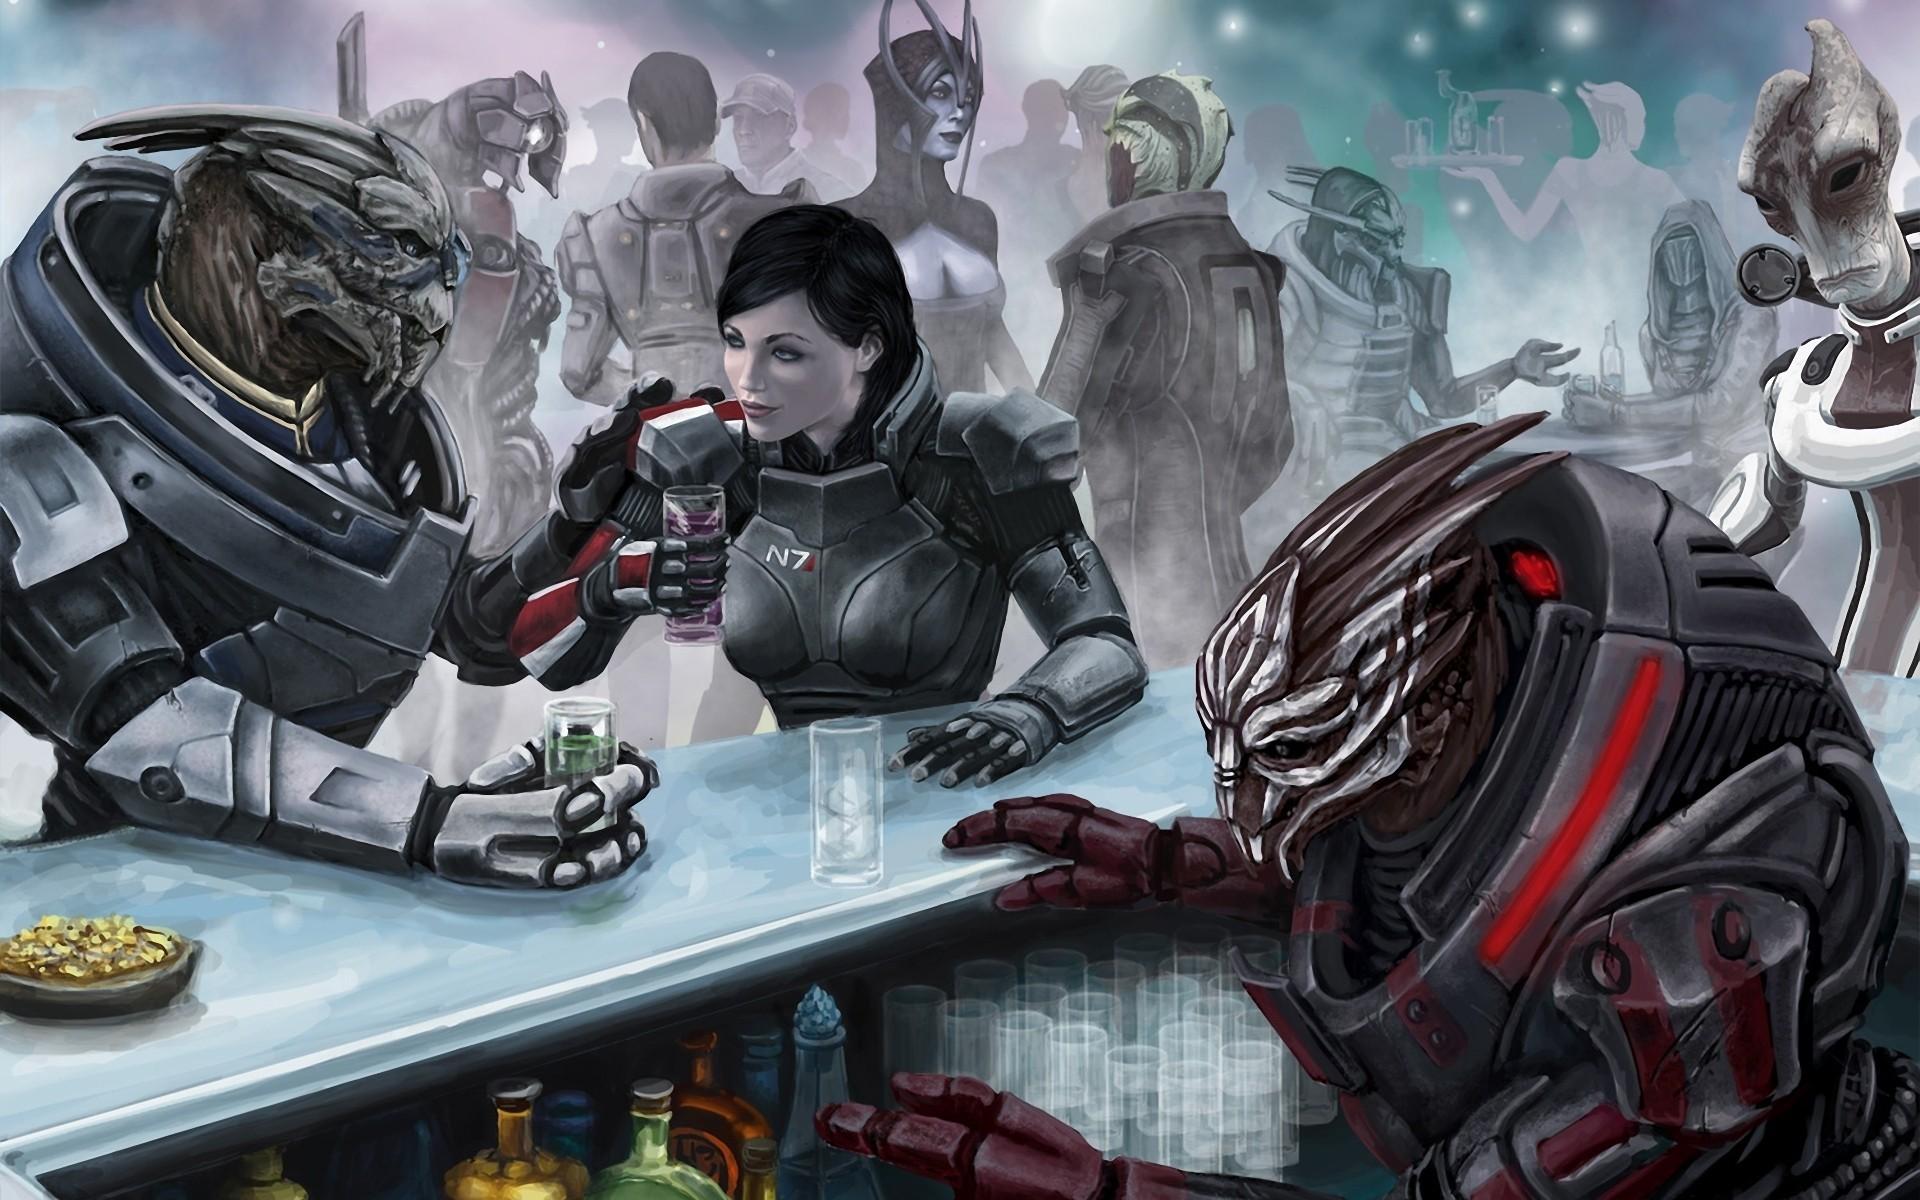 Bar In The Sky FemShep Game Garrus Vakarian Mass Effect Normandy